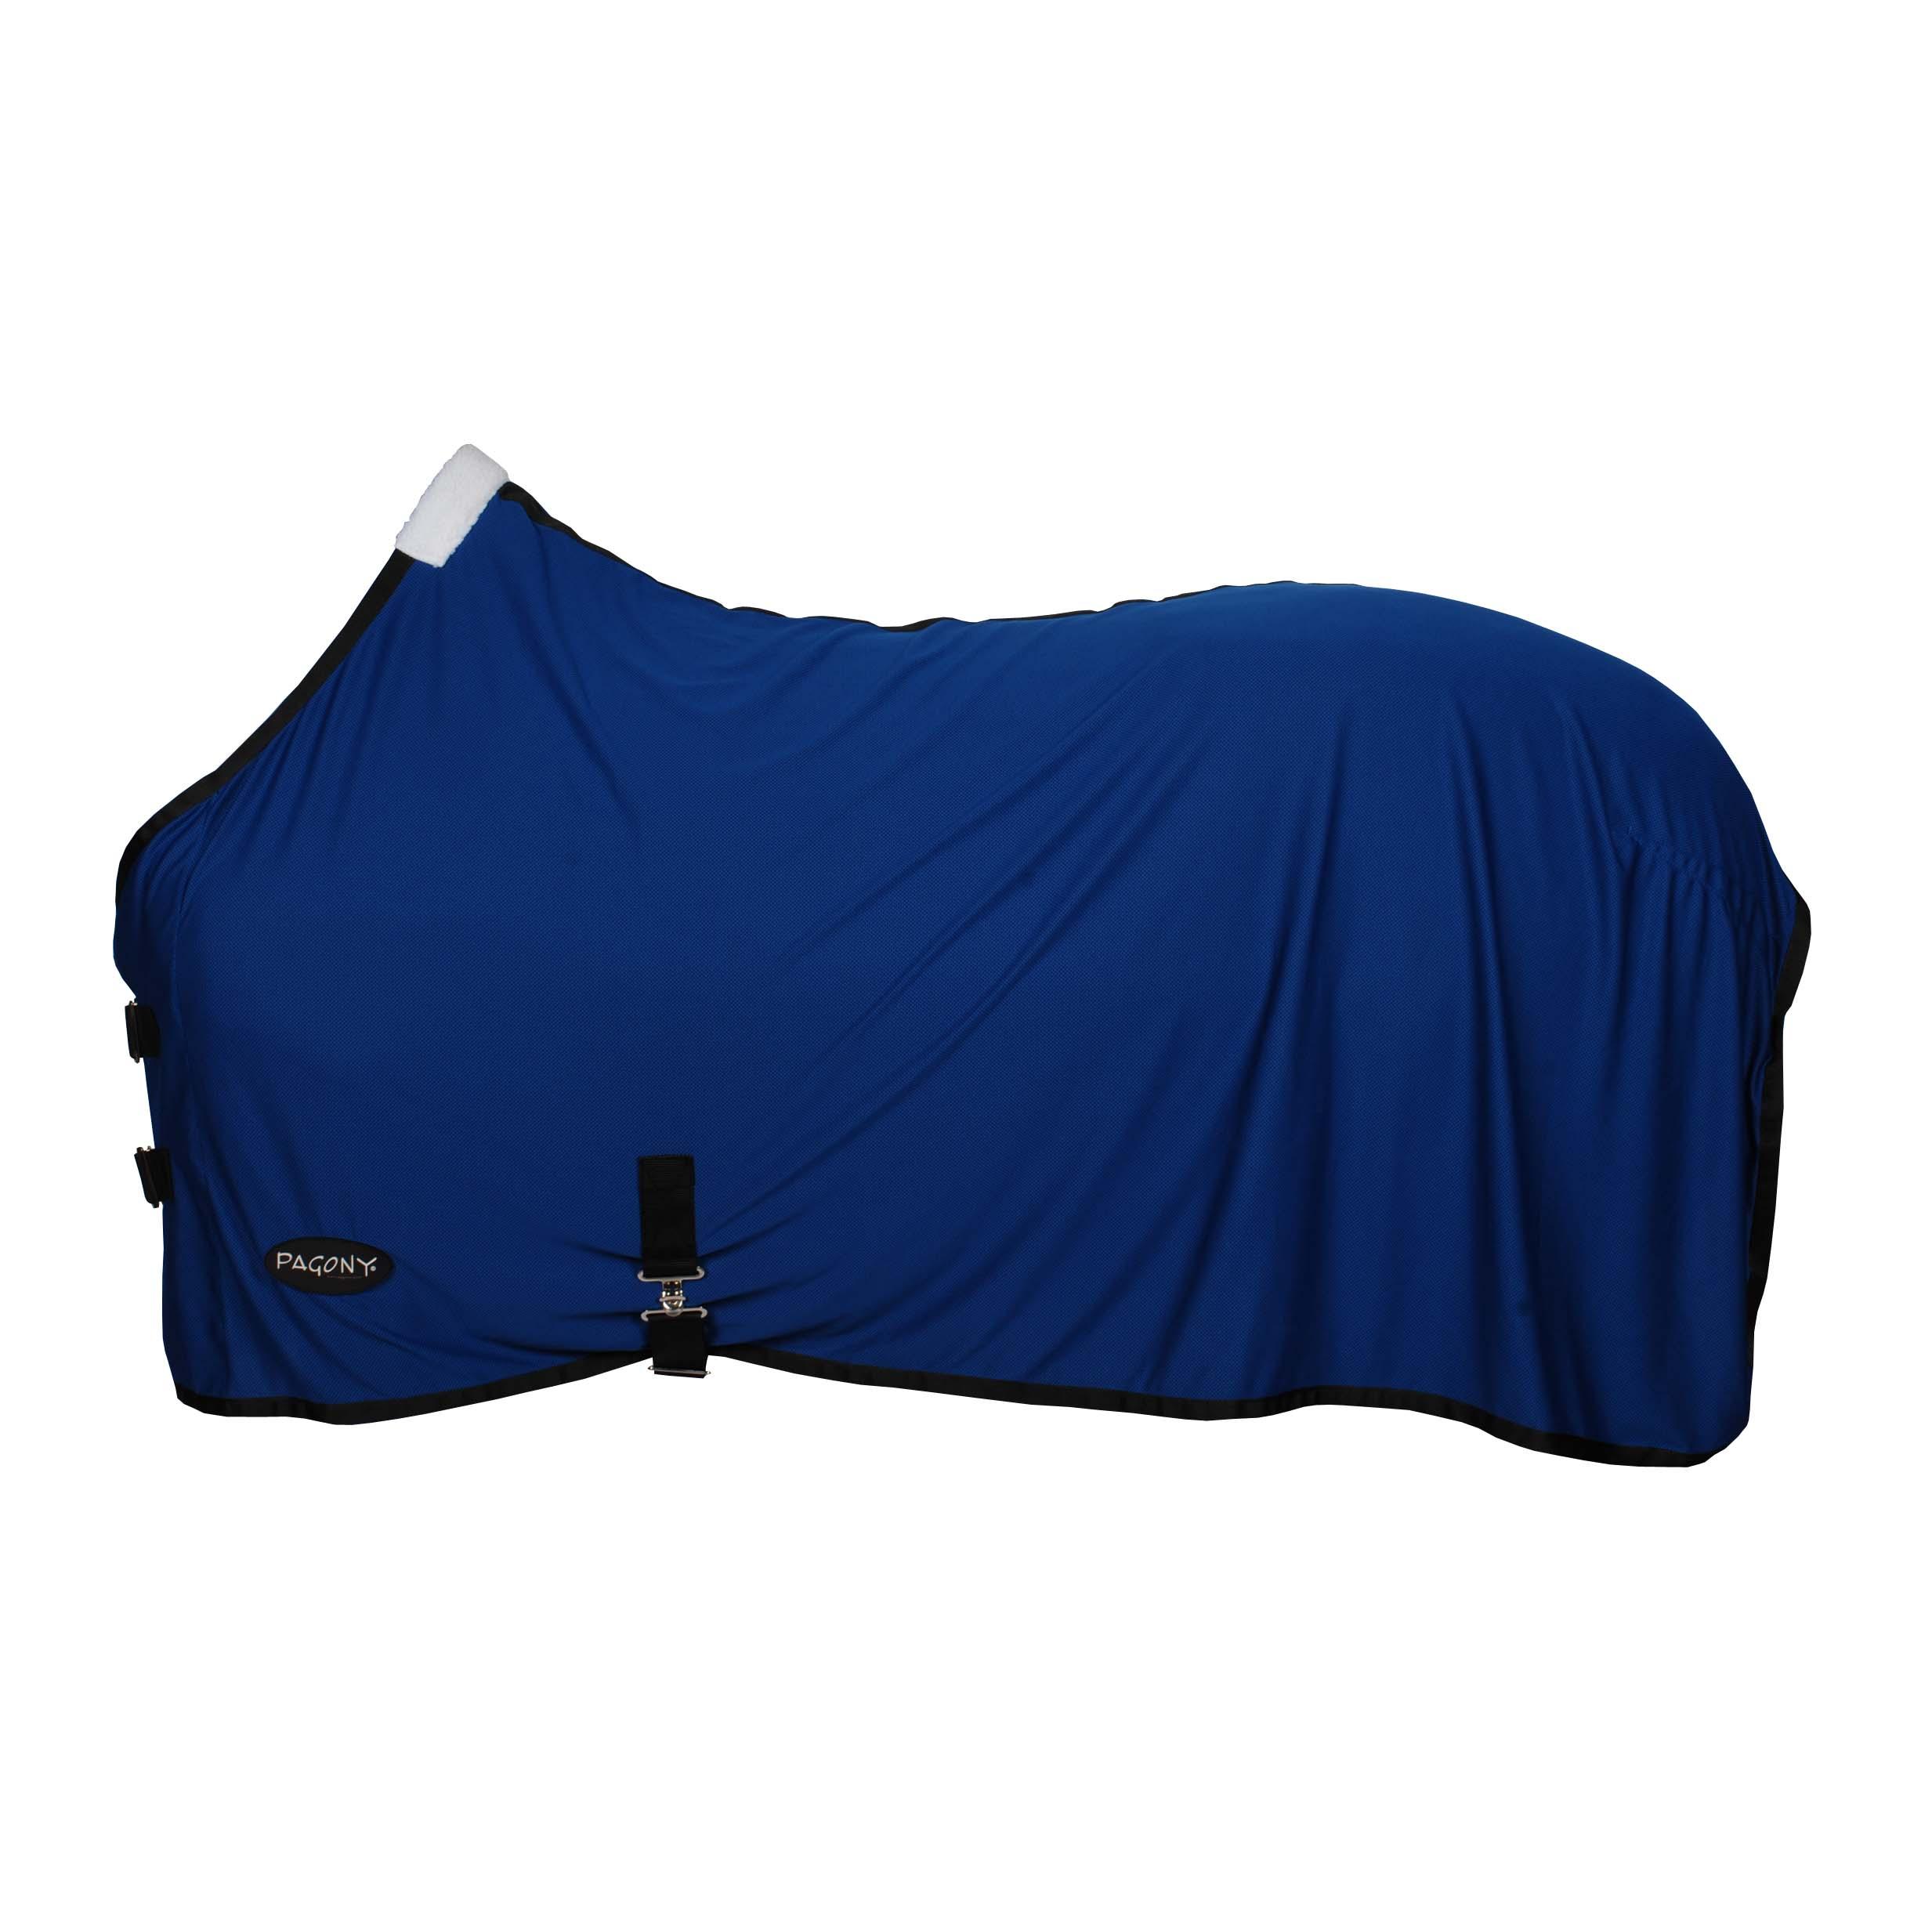 Pagony Cooler deken kobalt maat:185